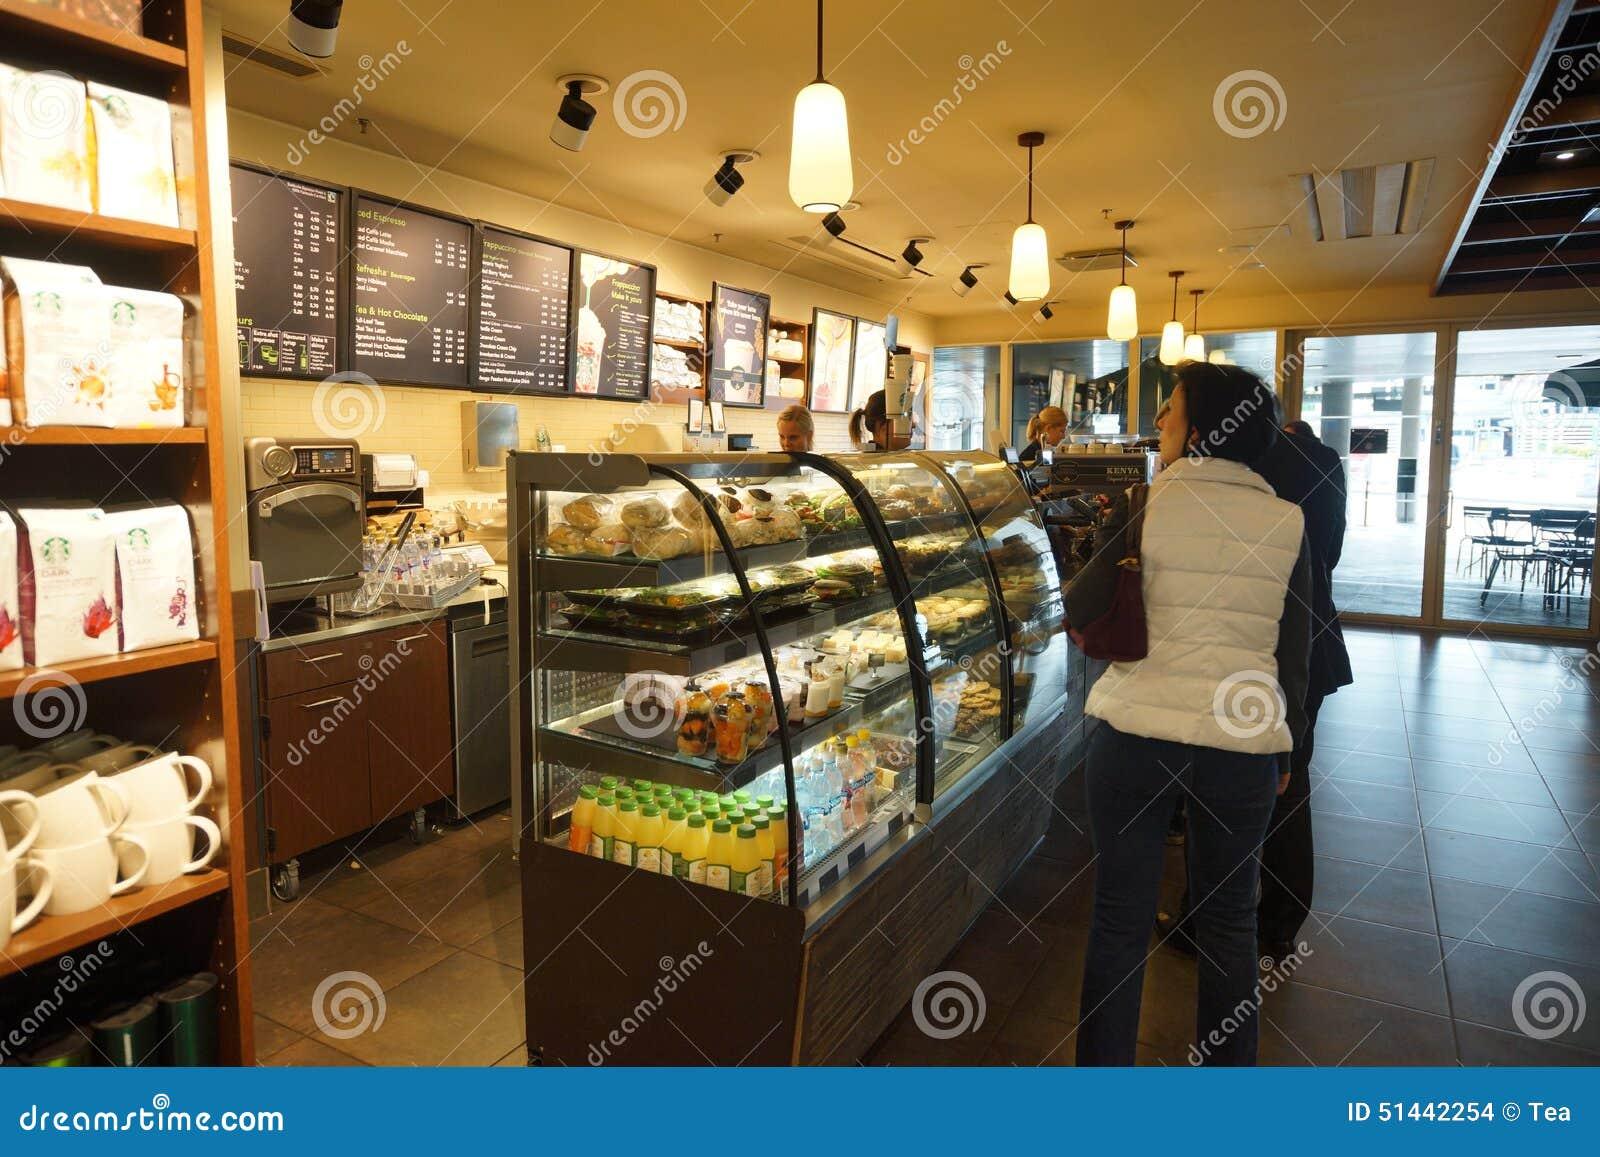 starbucks in finland Sedan 1971 arbetar starbucks coffee company med etiskt ursprung och rostning av arabica- kaffebönor av högsta kvalitet i dag, med försäljningsställen runt om i.